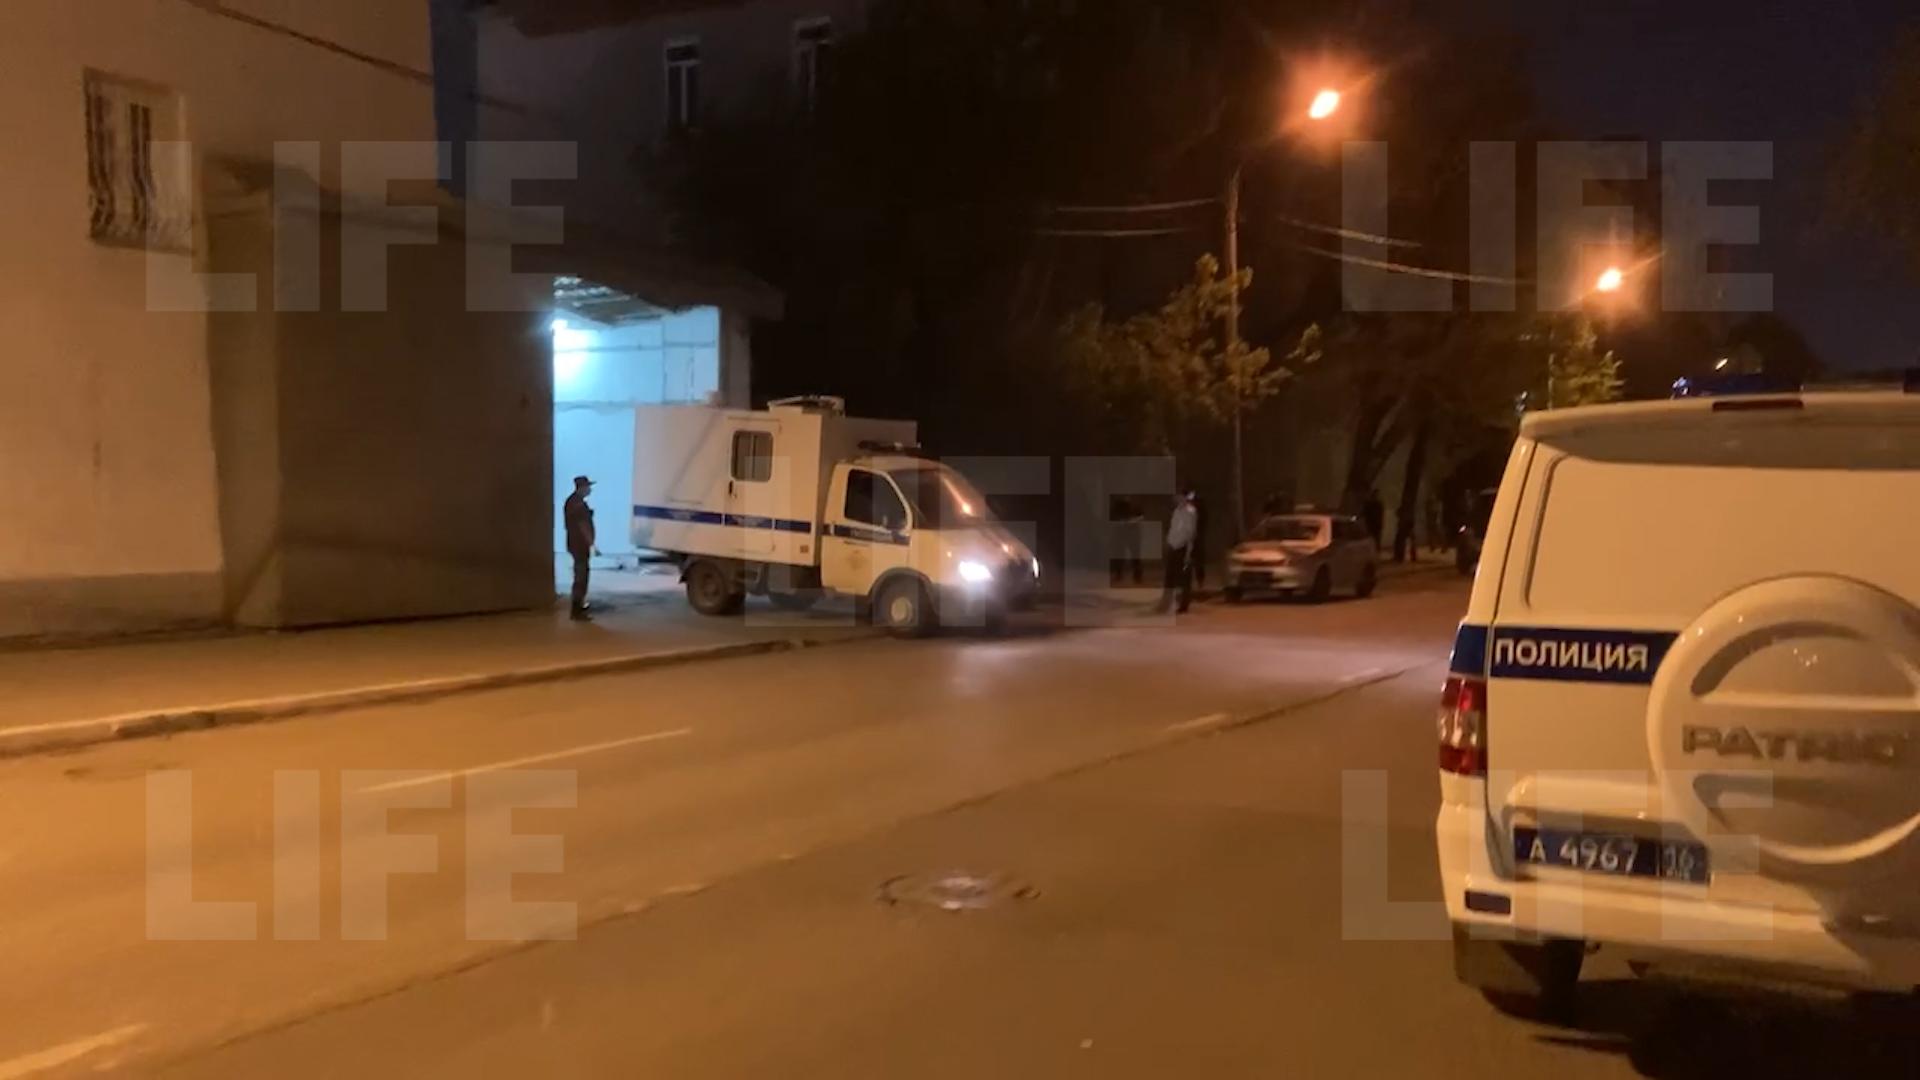 Виновника трагедии в Казани доставили в СИЗО